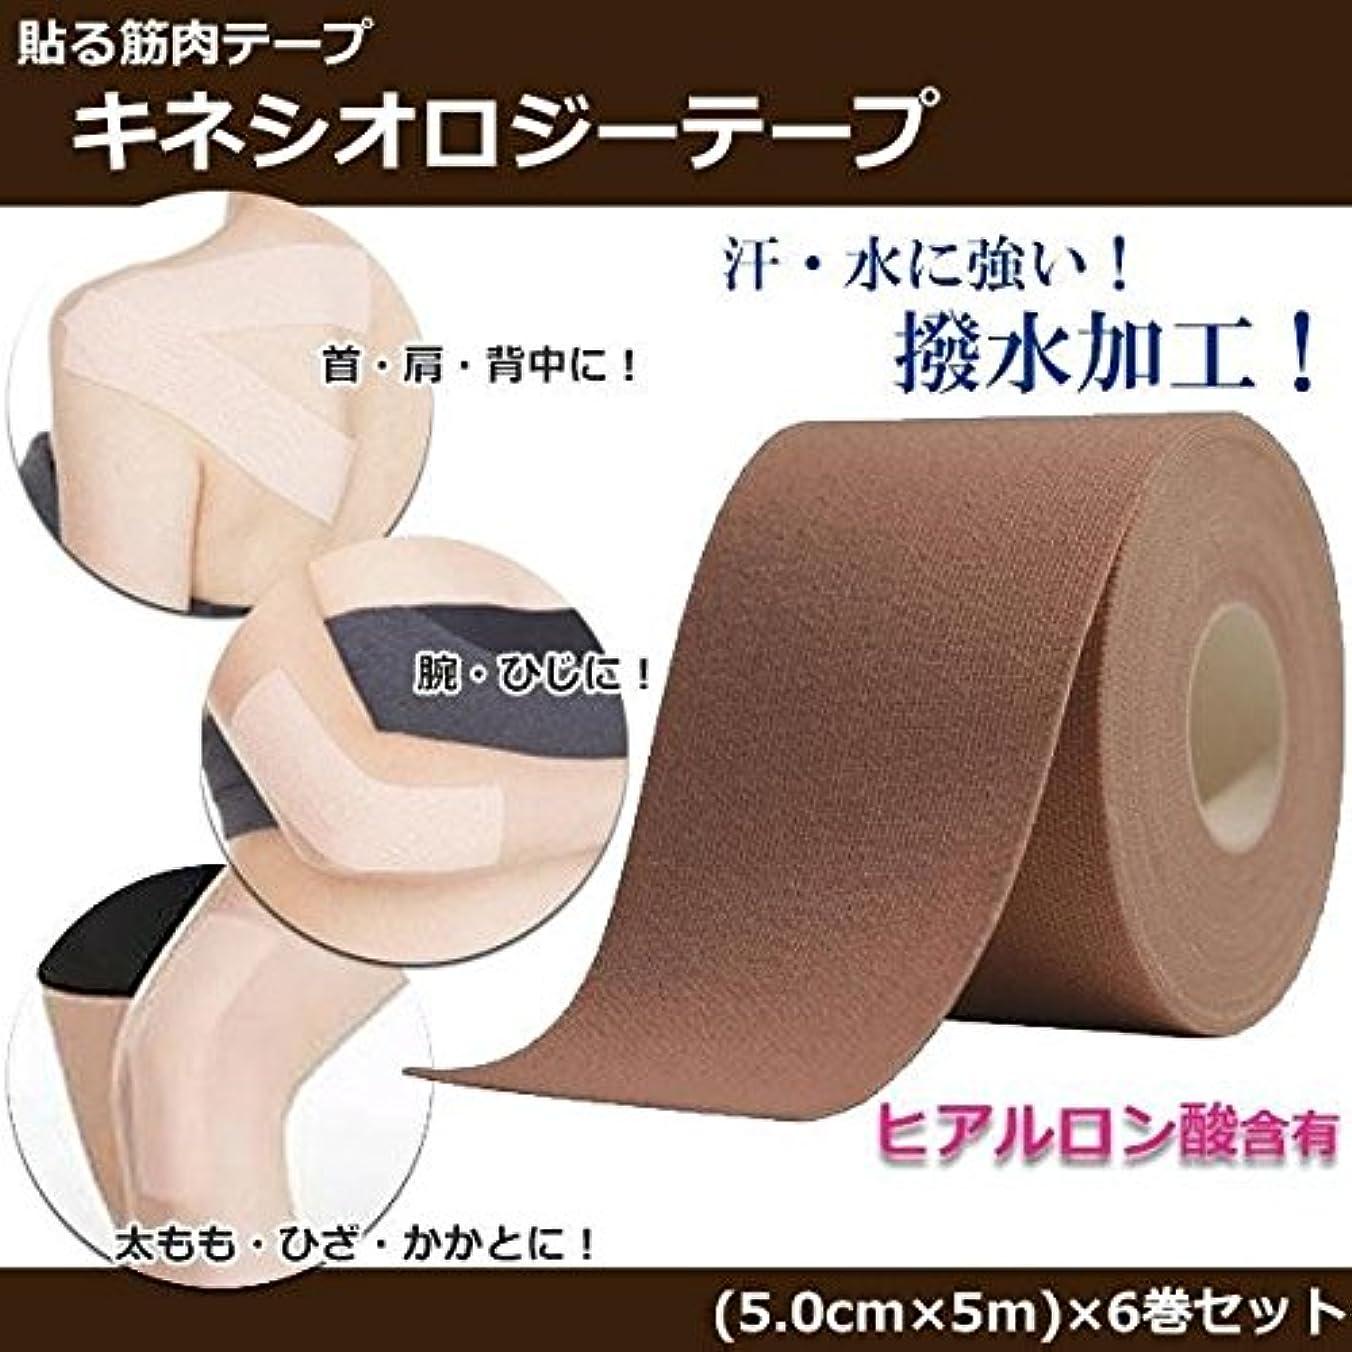 取り除くわざわざ猟犬貼る筋肉テープ キネシオロジーテープ ヒアルロン酸含有 日本製 6巻セット